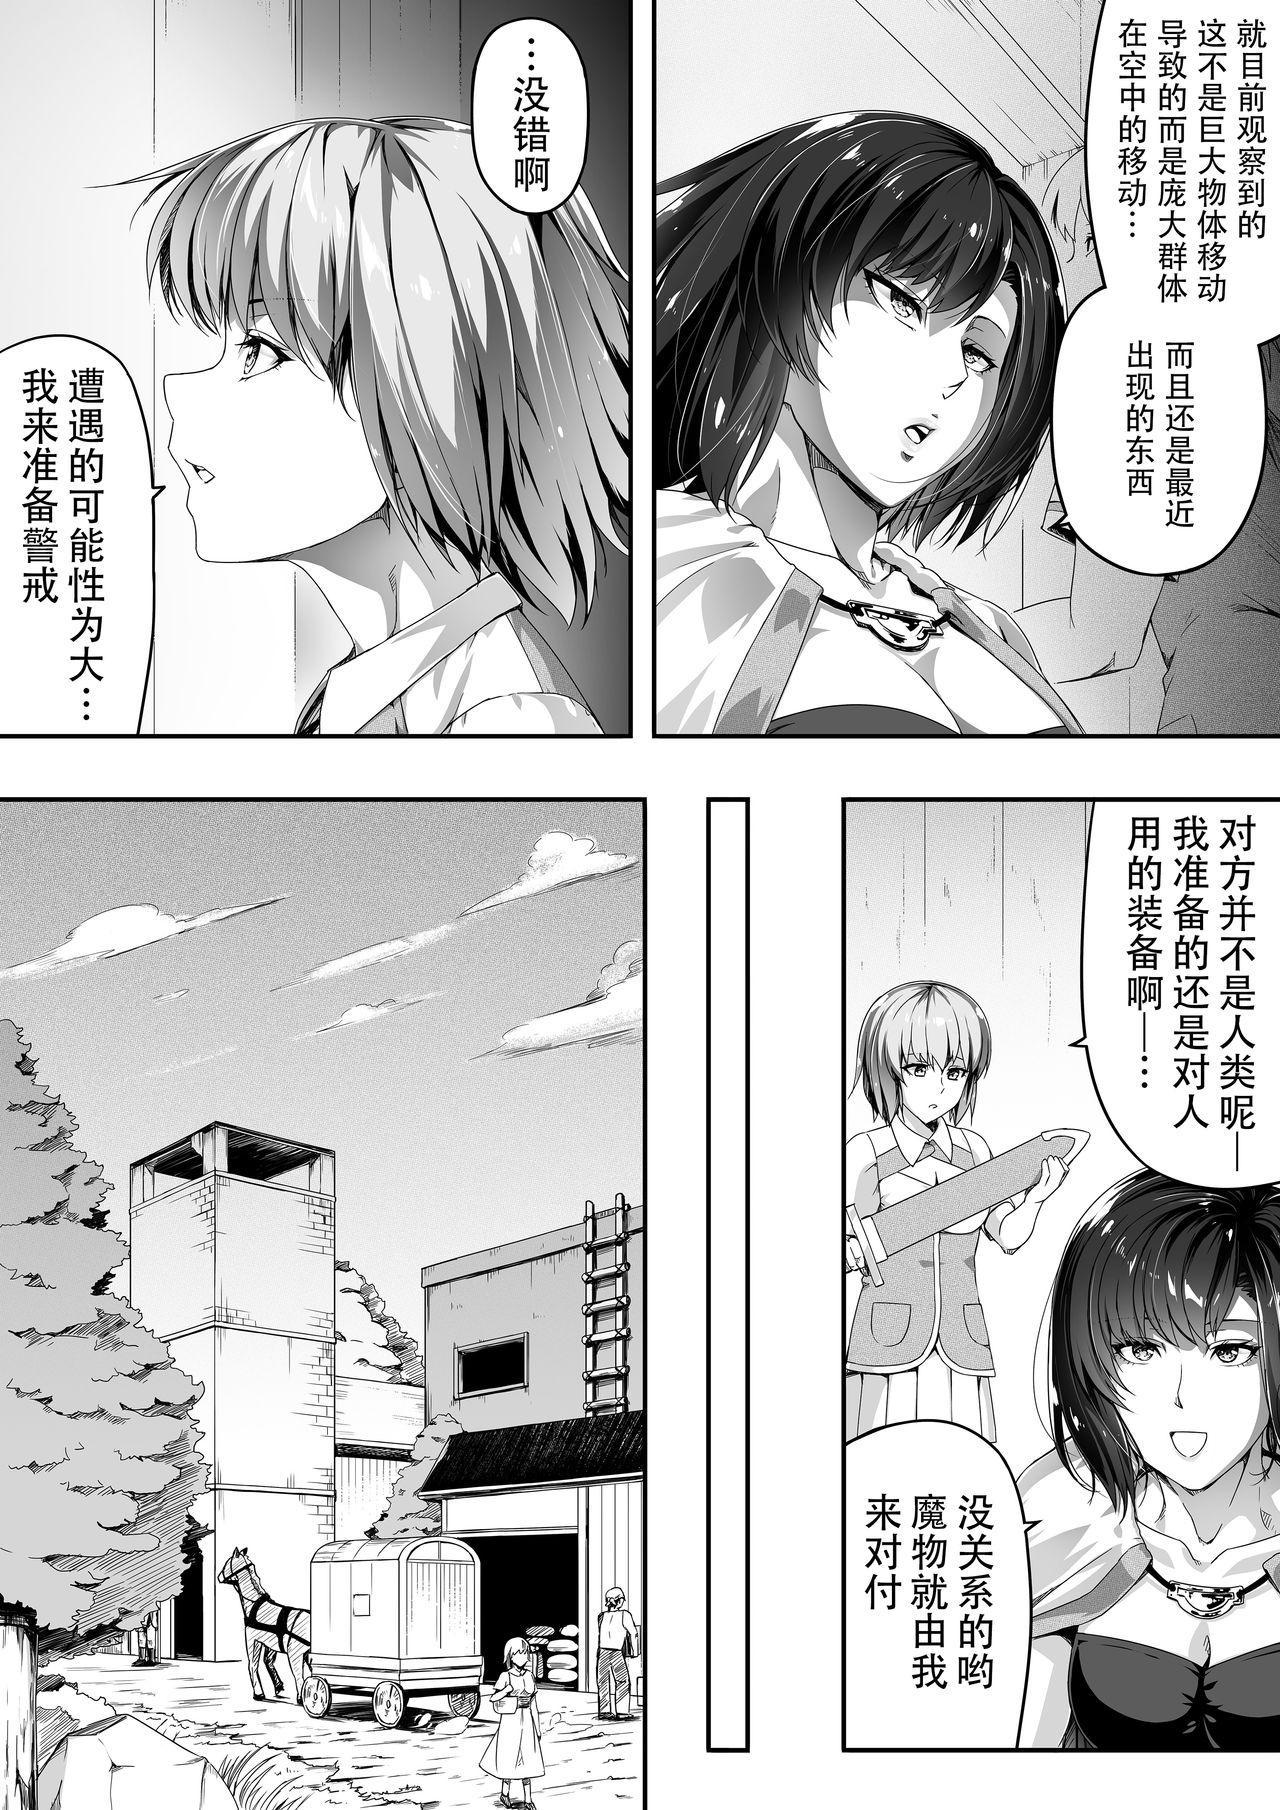 Chikara Aru Succubus wa Seiyoku o Mitashitai dake. 1 12